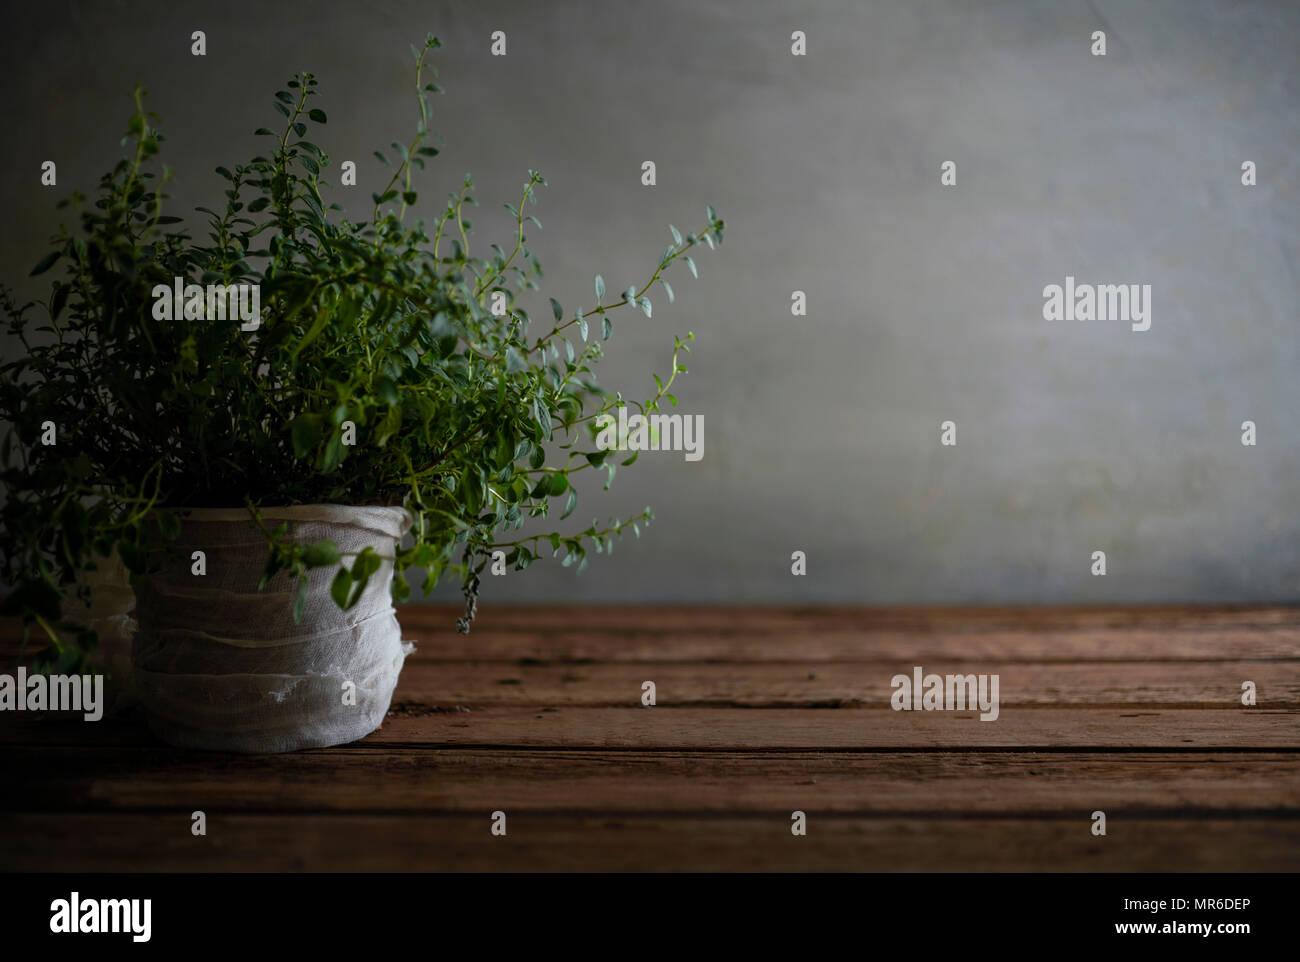 Un beau désordre, l'origan plante sur une table en bois usé. Photo Stock